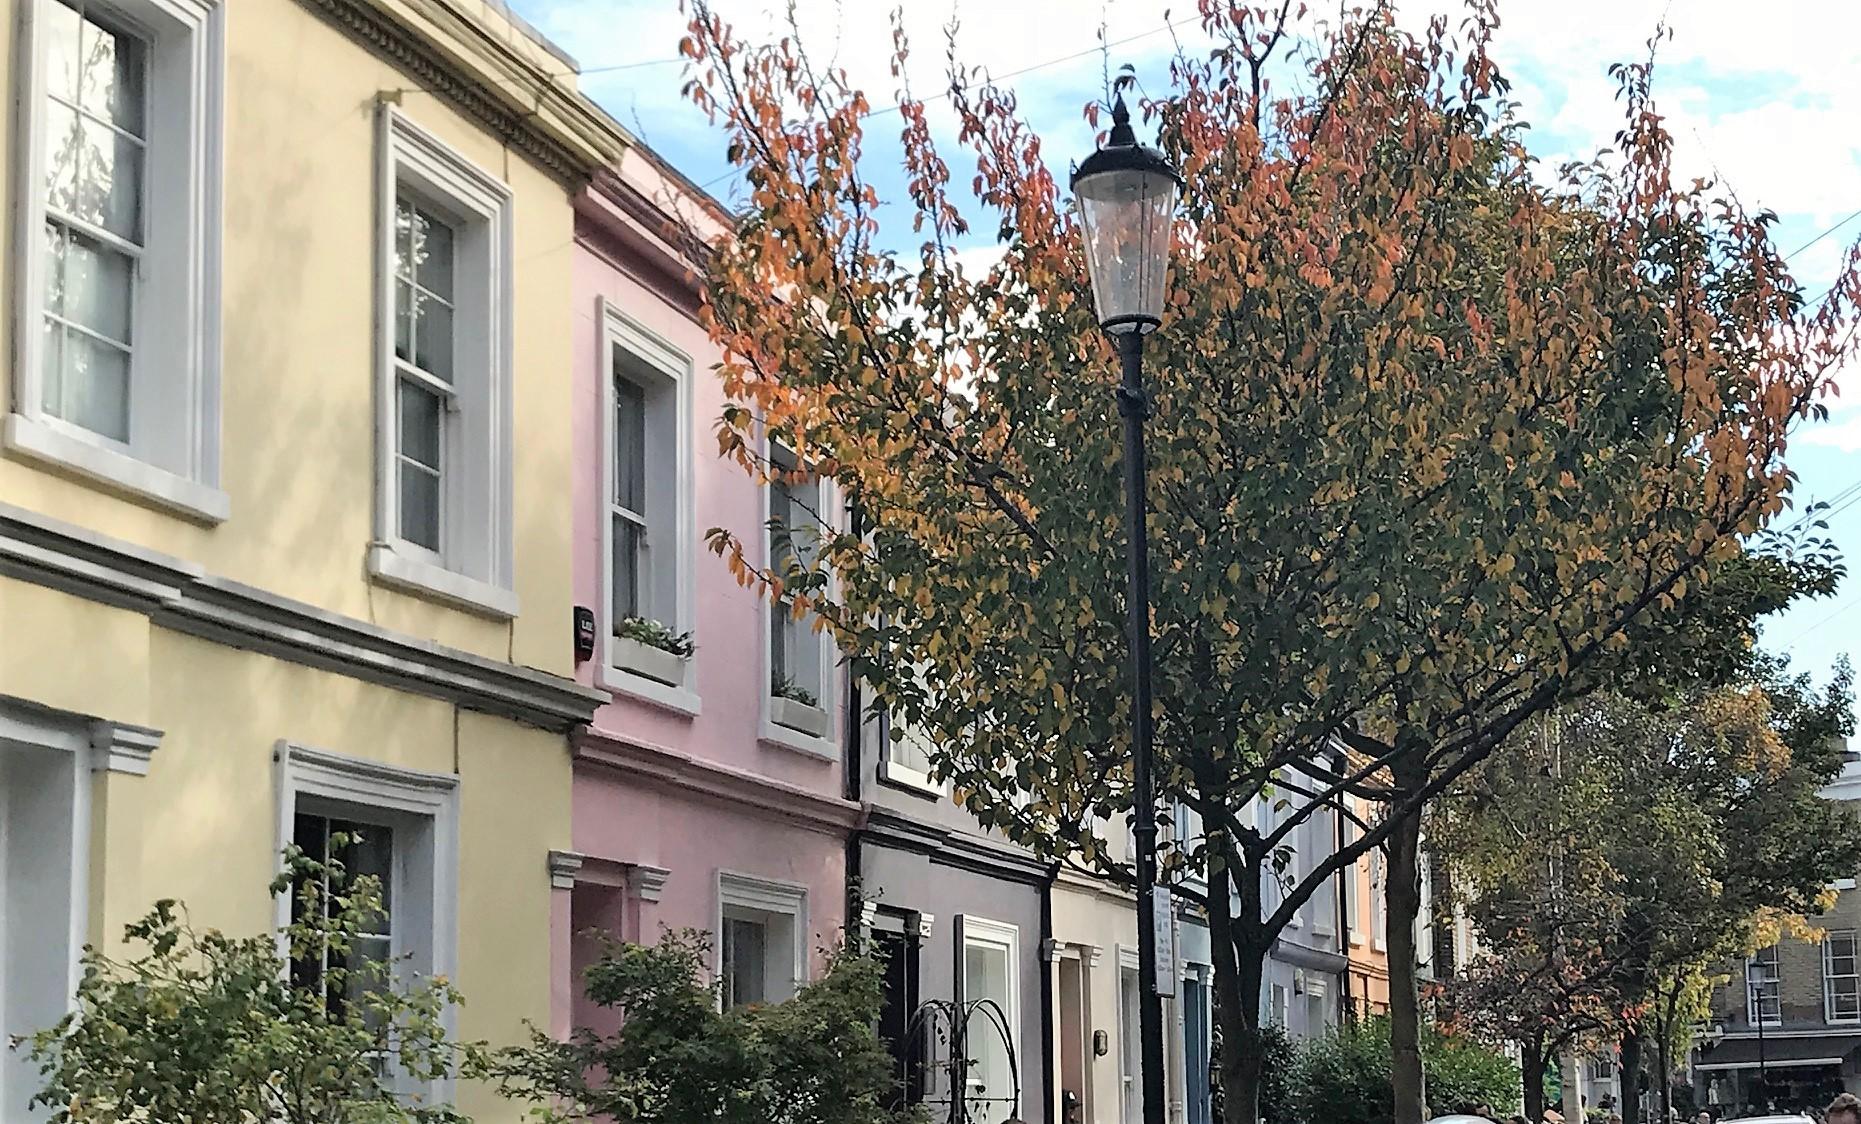 181020 Portobello Road 13 (2).jpg